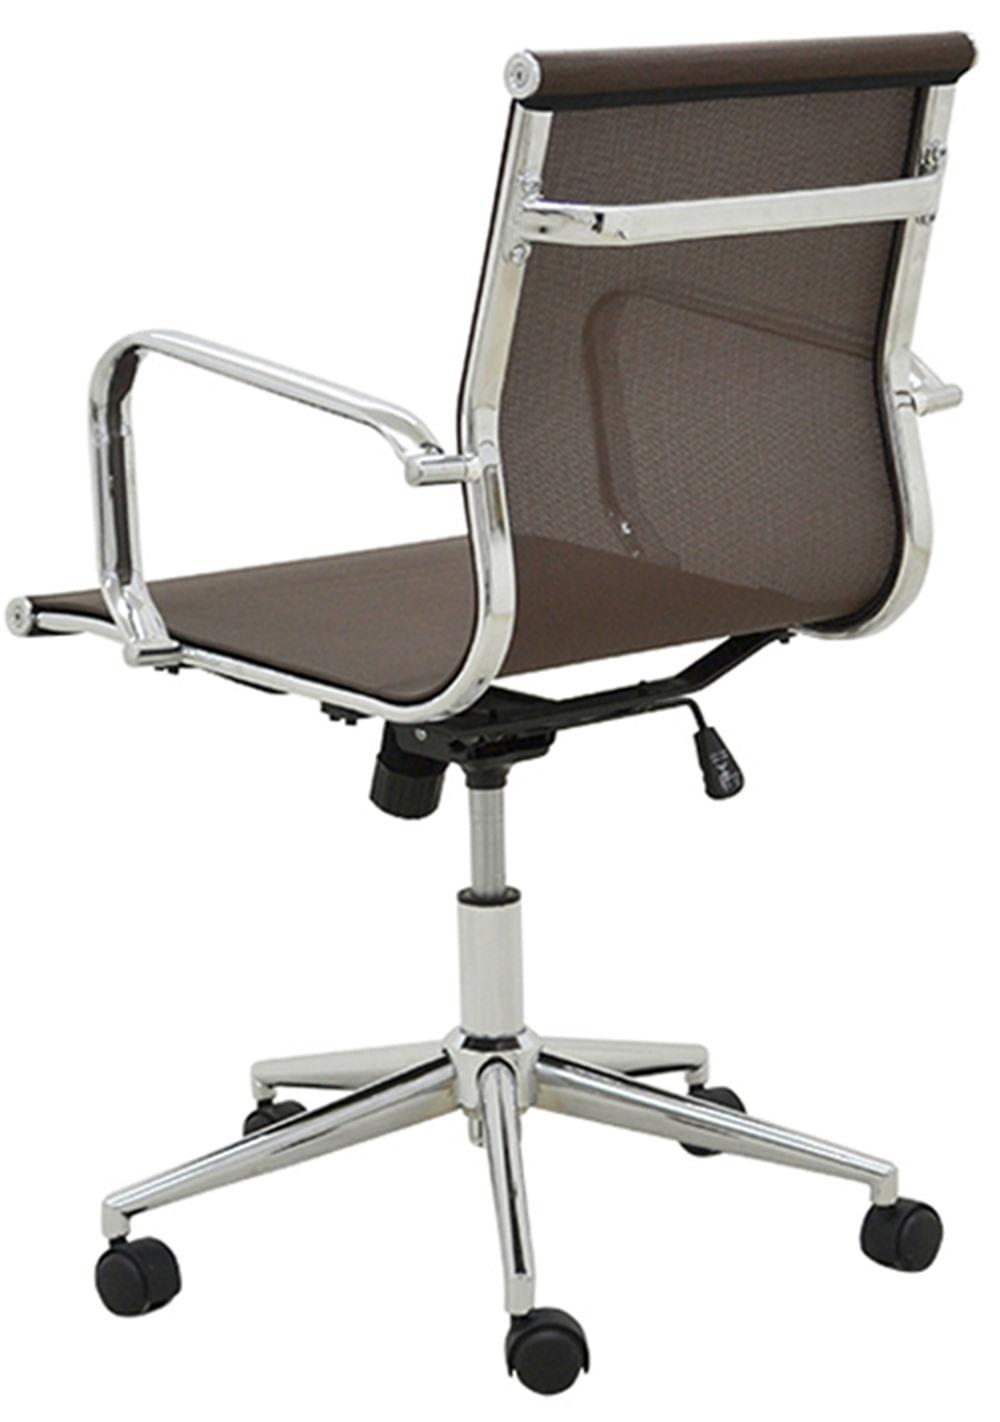 Cadeira Sevilha Eames Baixa Cromada Tela Cafe - 38050